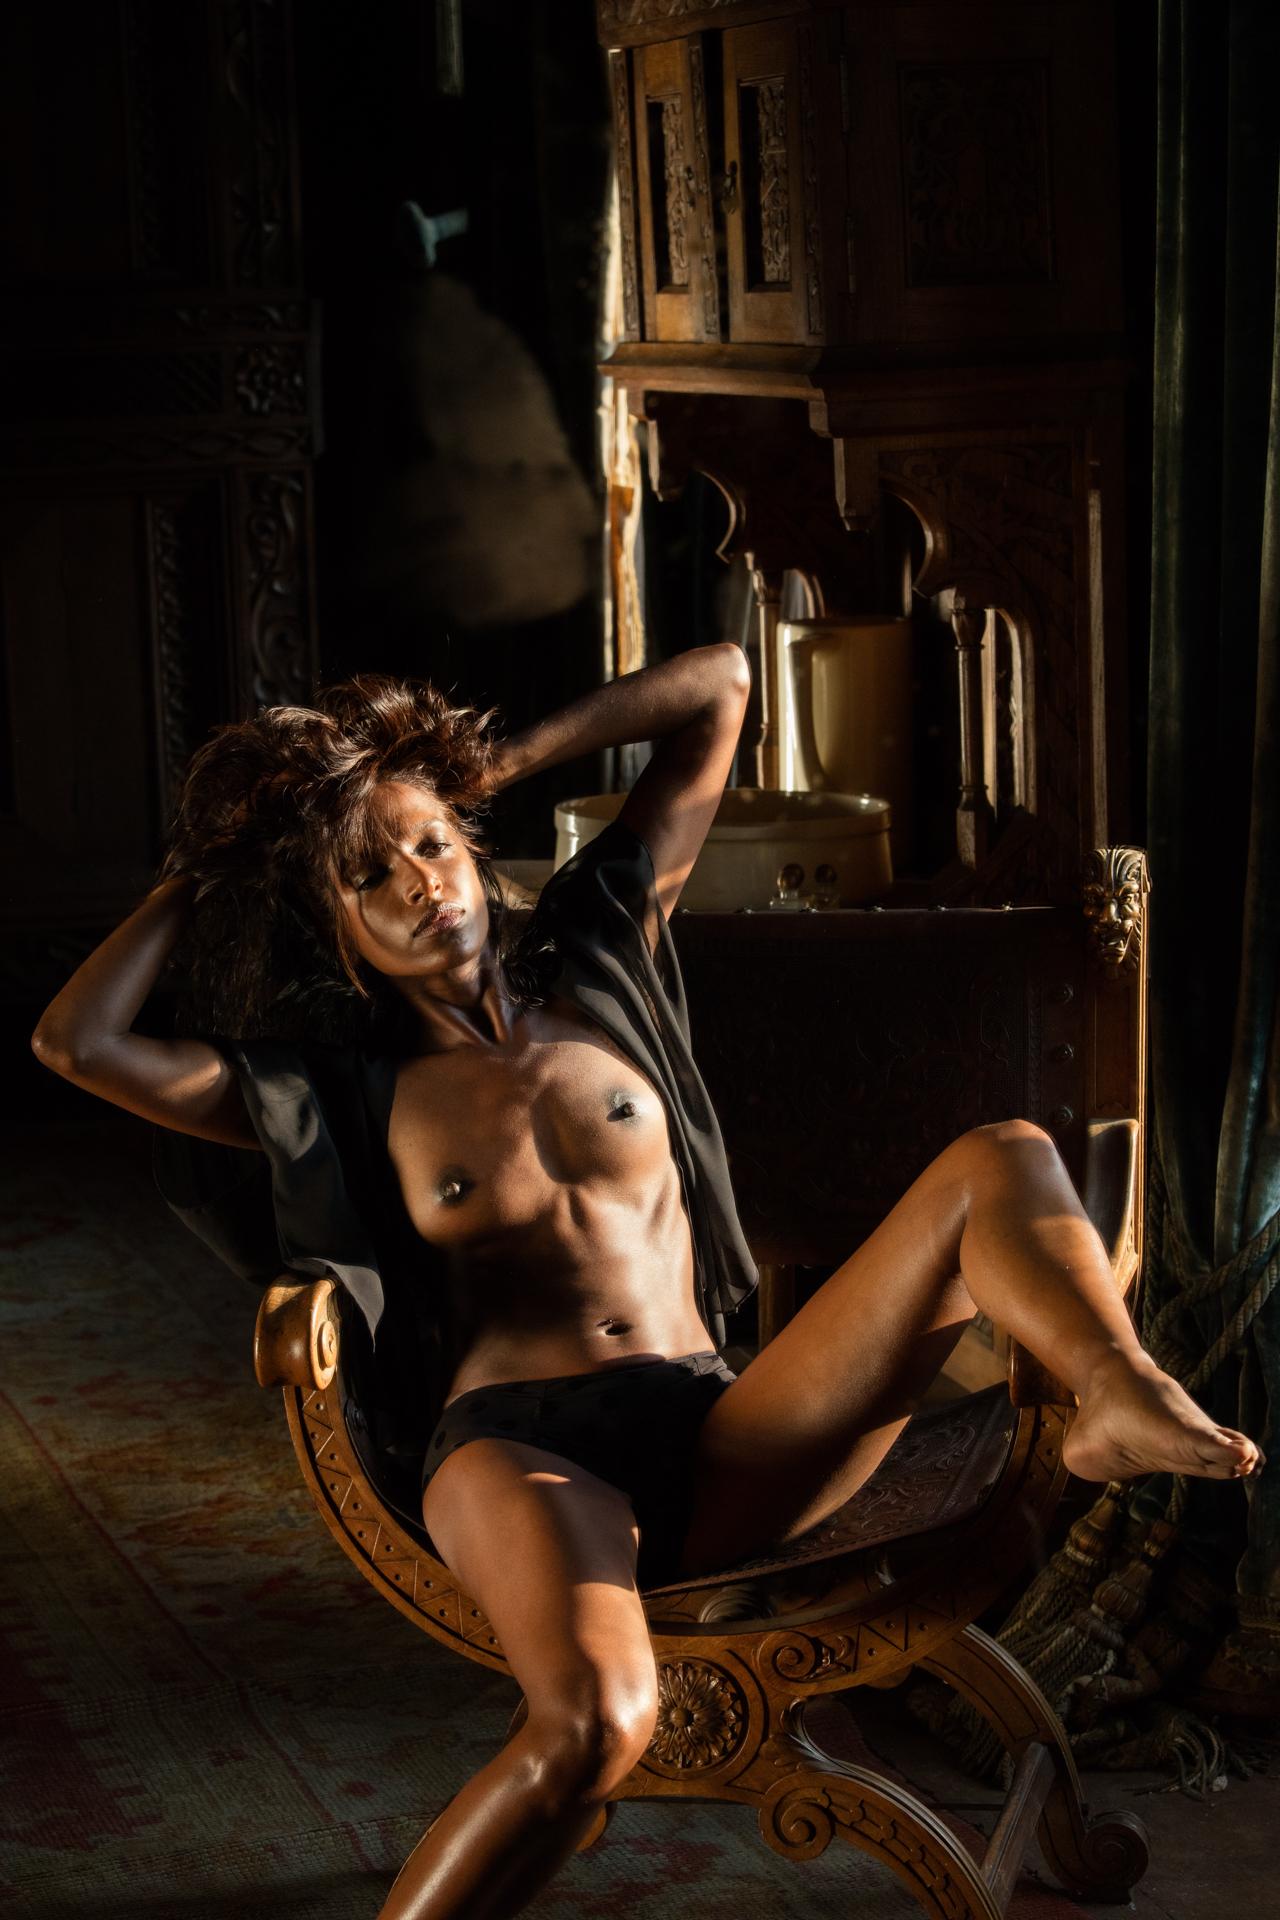 Nude photoshoot - COOPH_Greg_Gorman_008